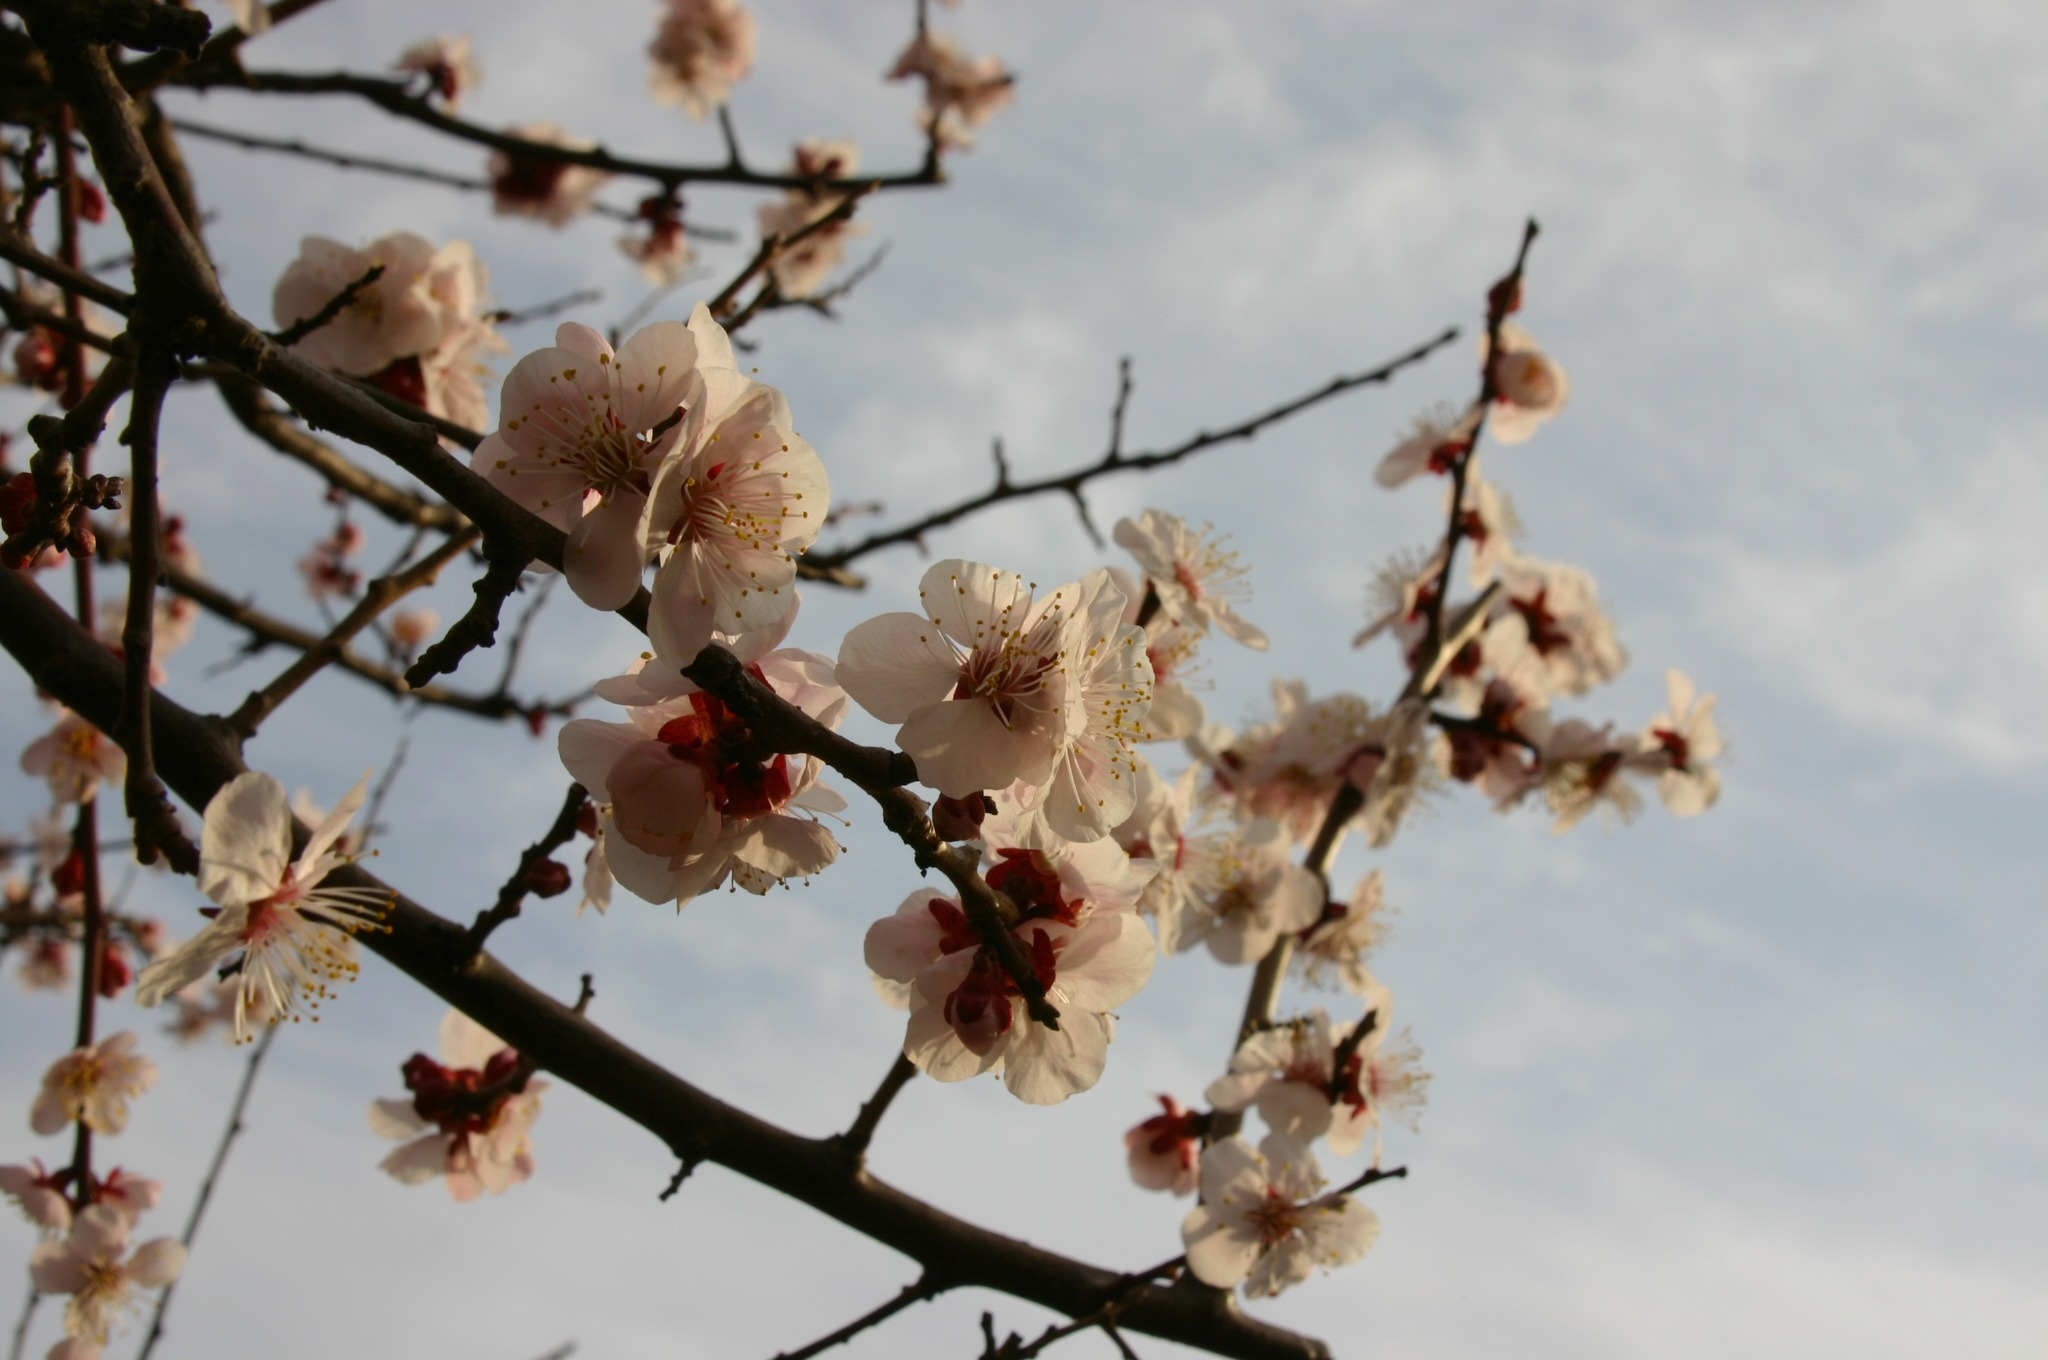 郷土の森で梅の花を撮影